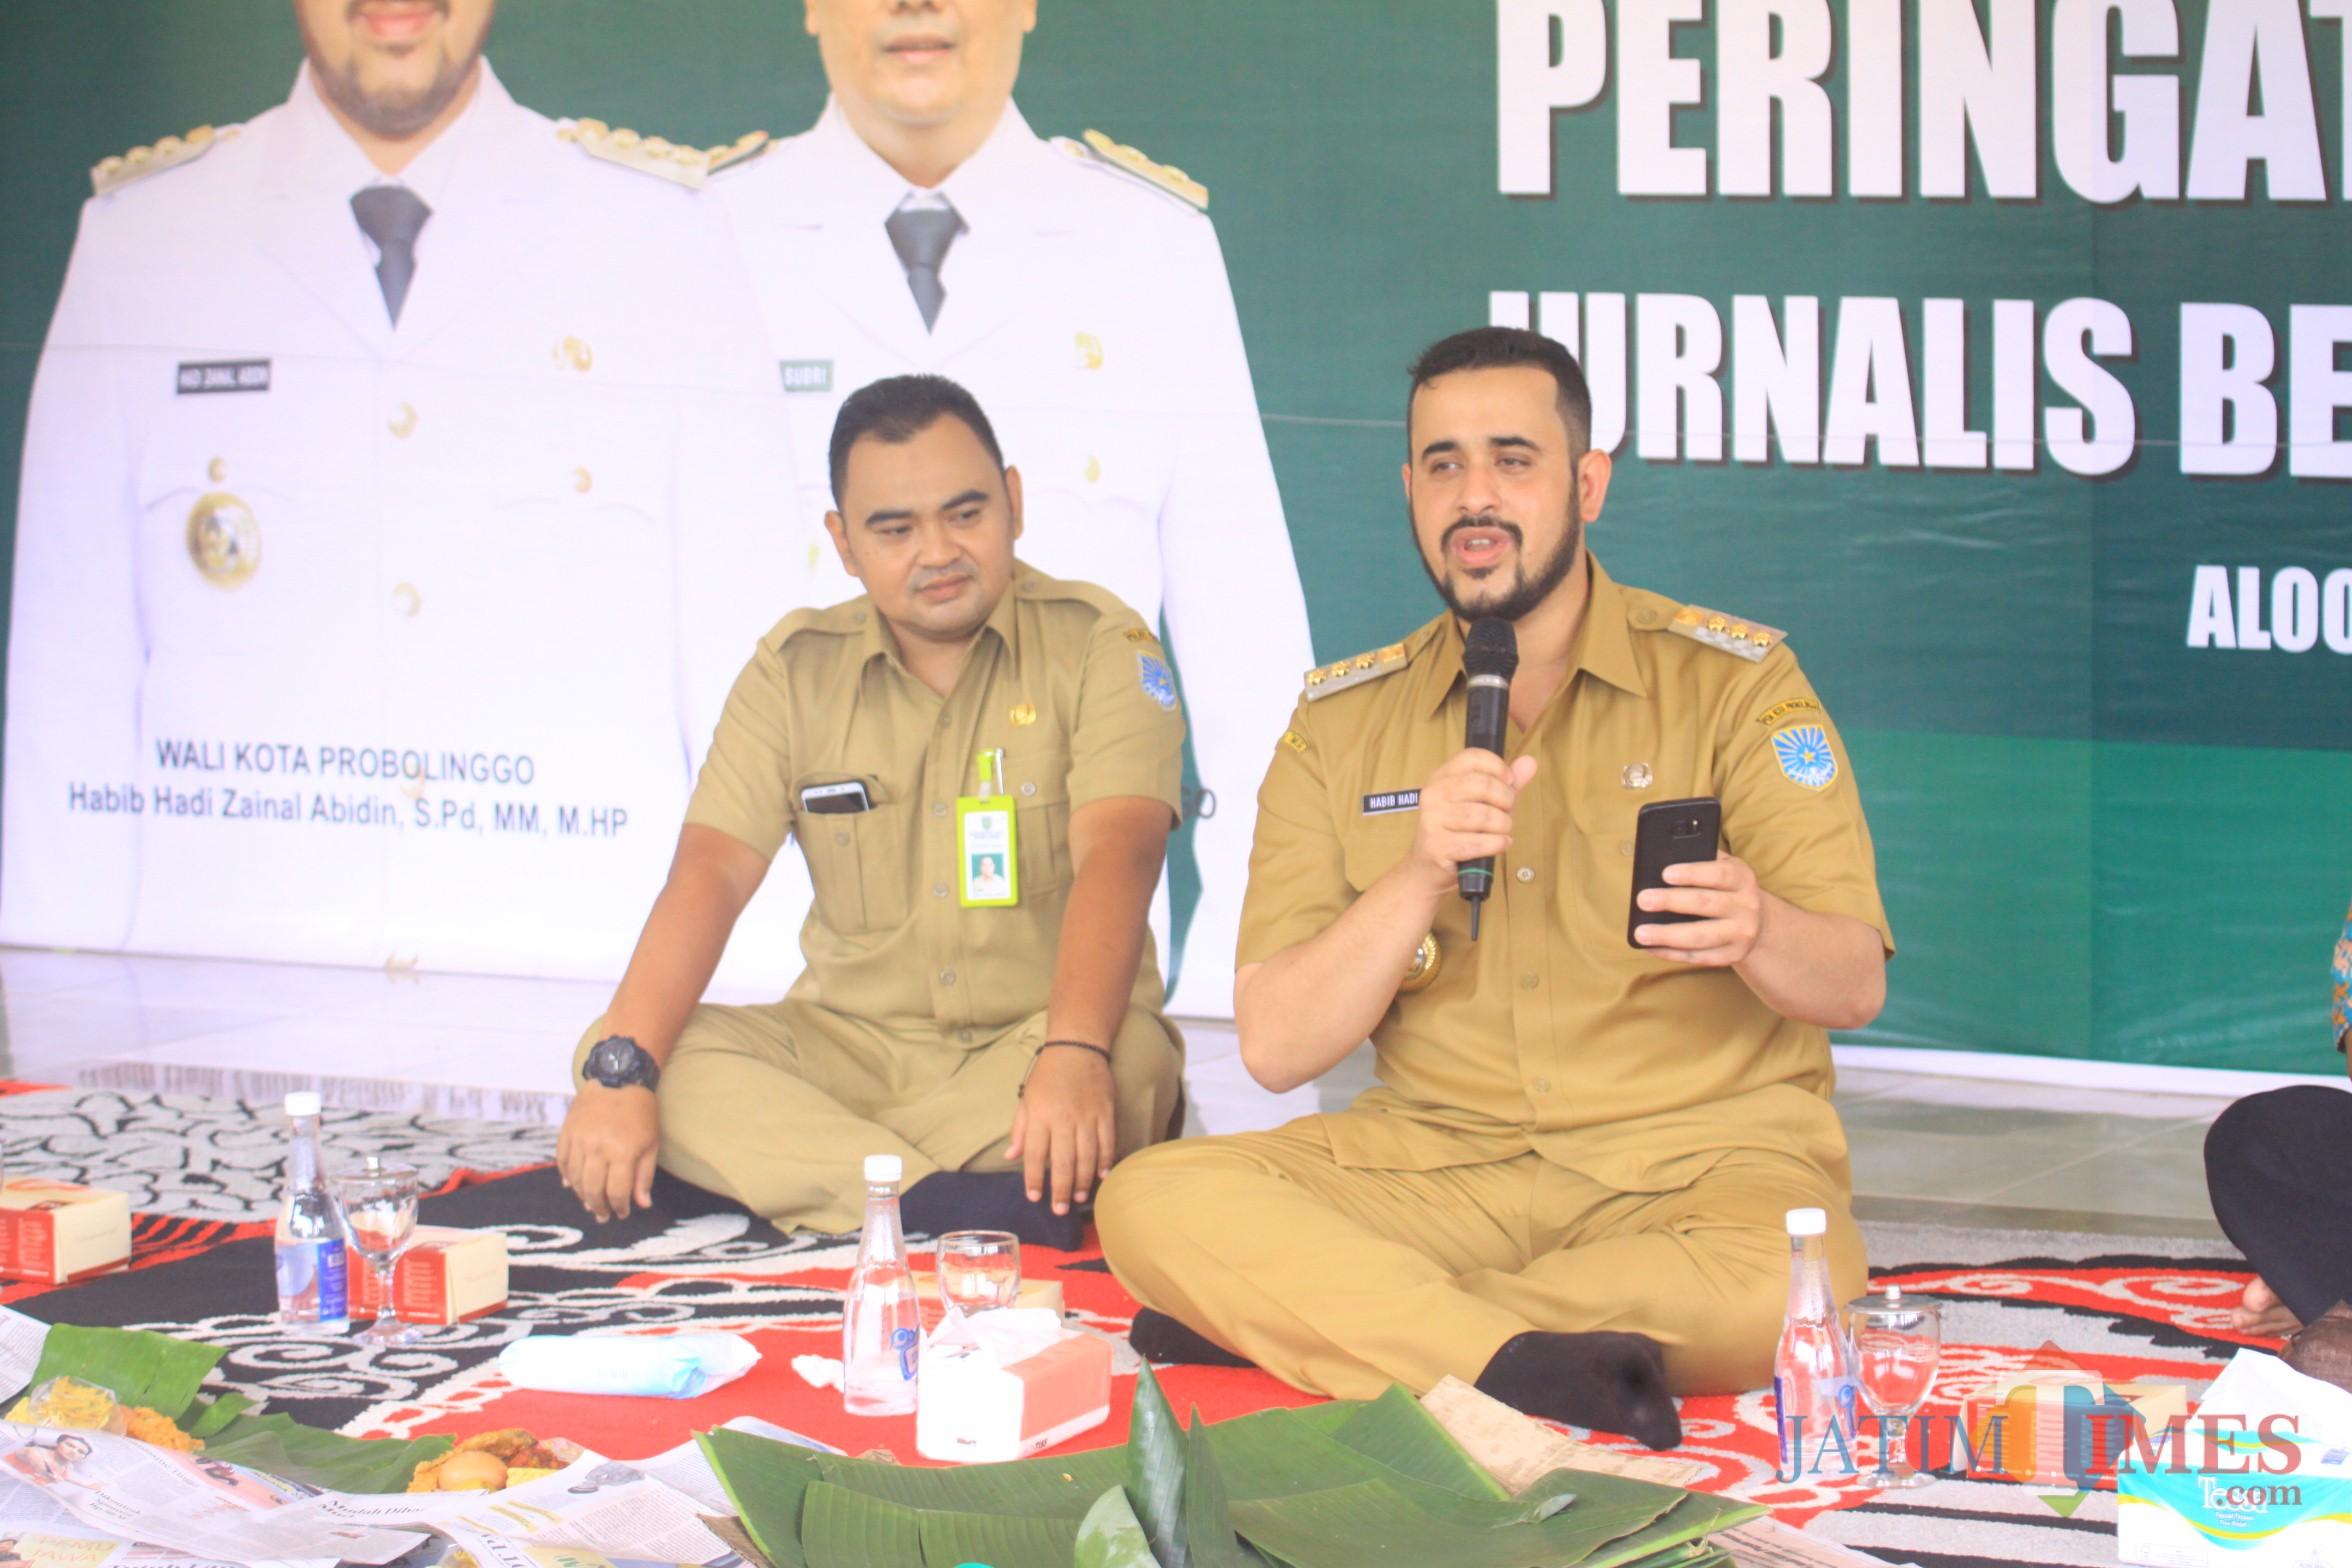 Wali Kota Hadi Zainal Abidin membaca pusi saat peringatan HPN di alun-alun (Agus Salam/Jatim TIMES)